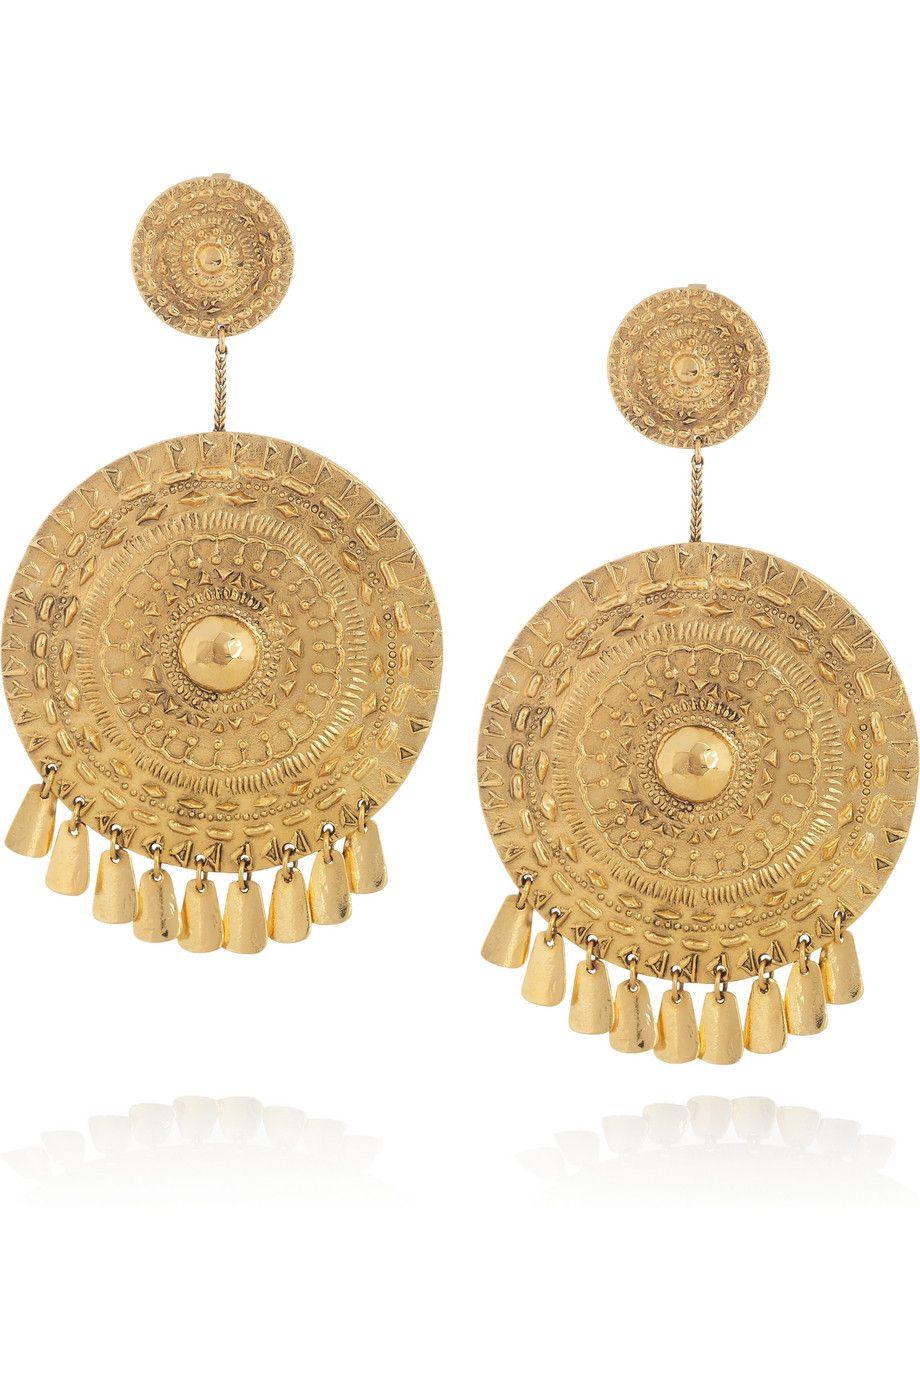 Aurélie Bidermann Pachacamac 18 Karat Gold Plated Medallion Clip Earrings Net